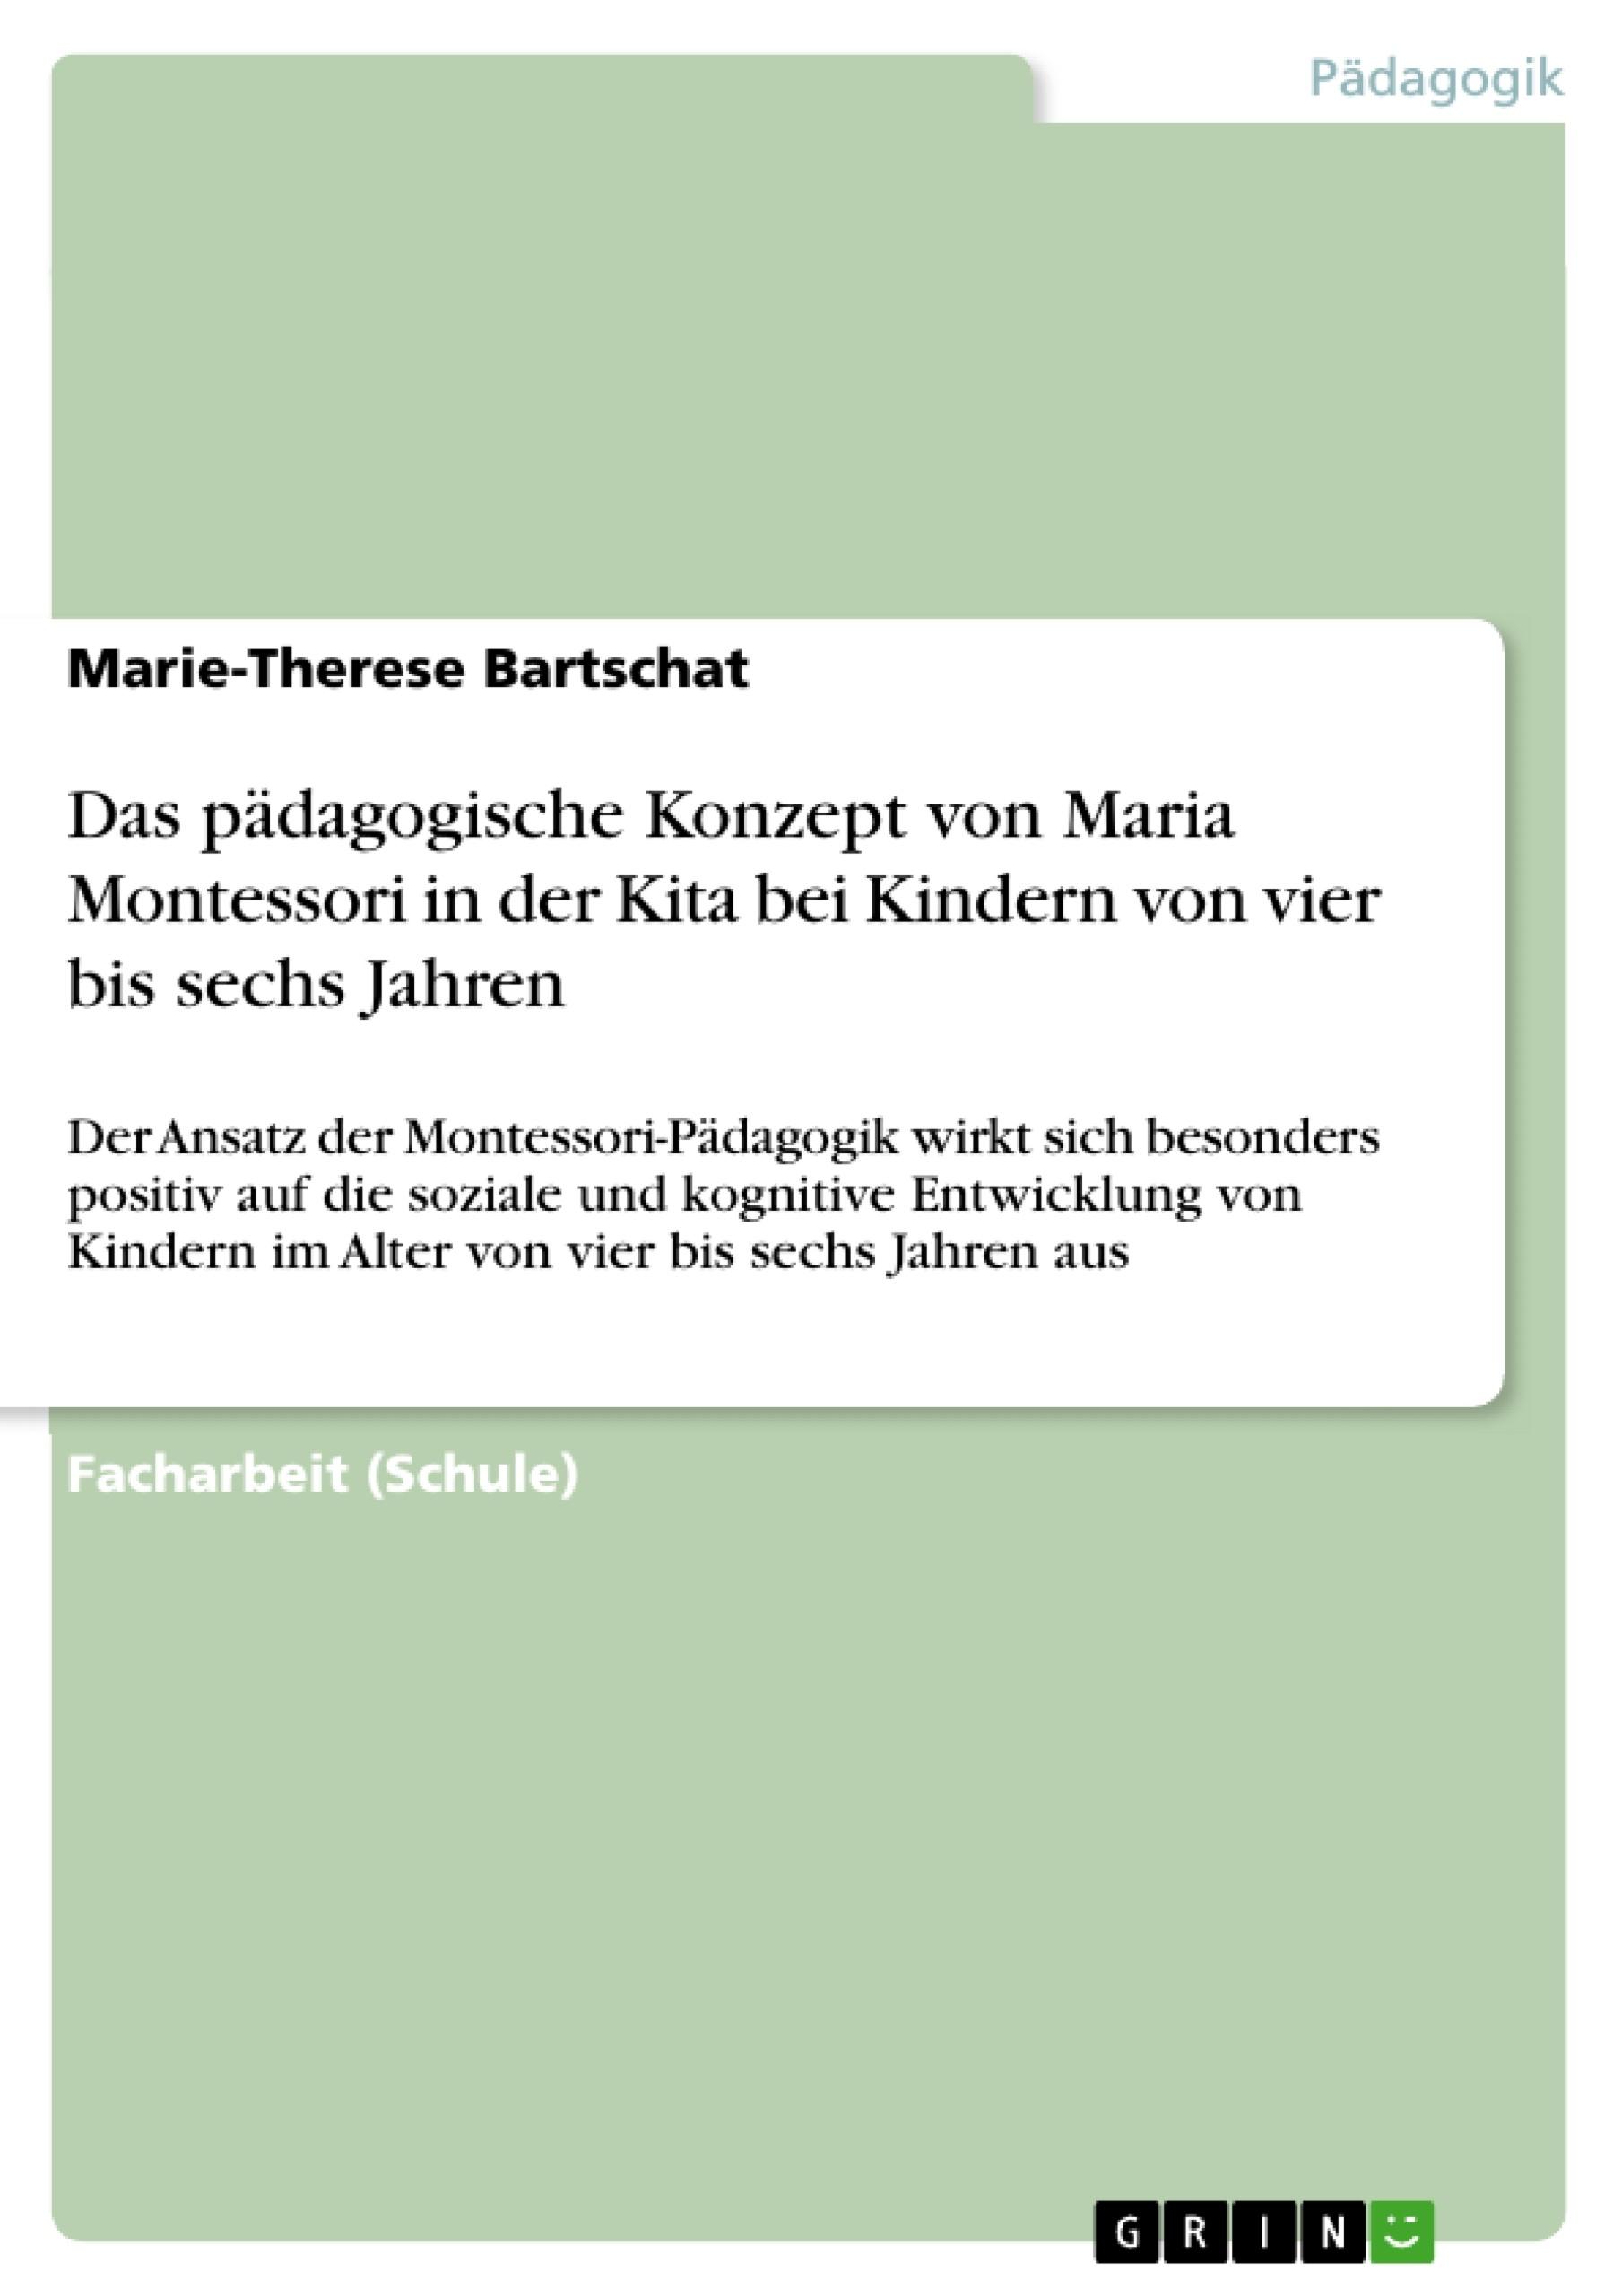 Titel: Das pädagogische Konzept von Maria Montessori in der Kita bei Kindern von vier bis sechs Jahren